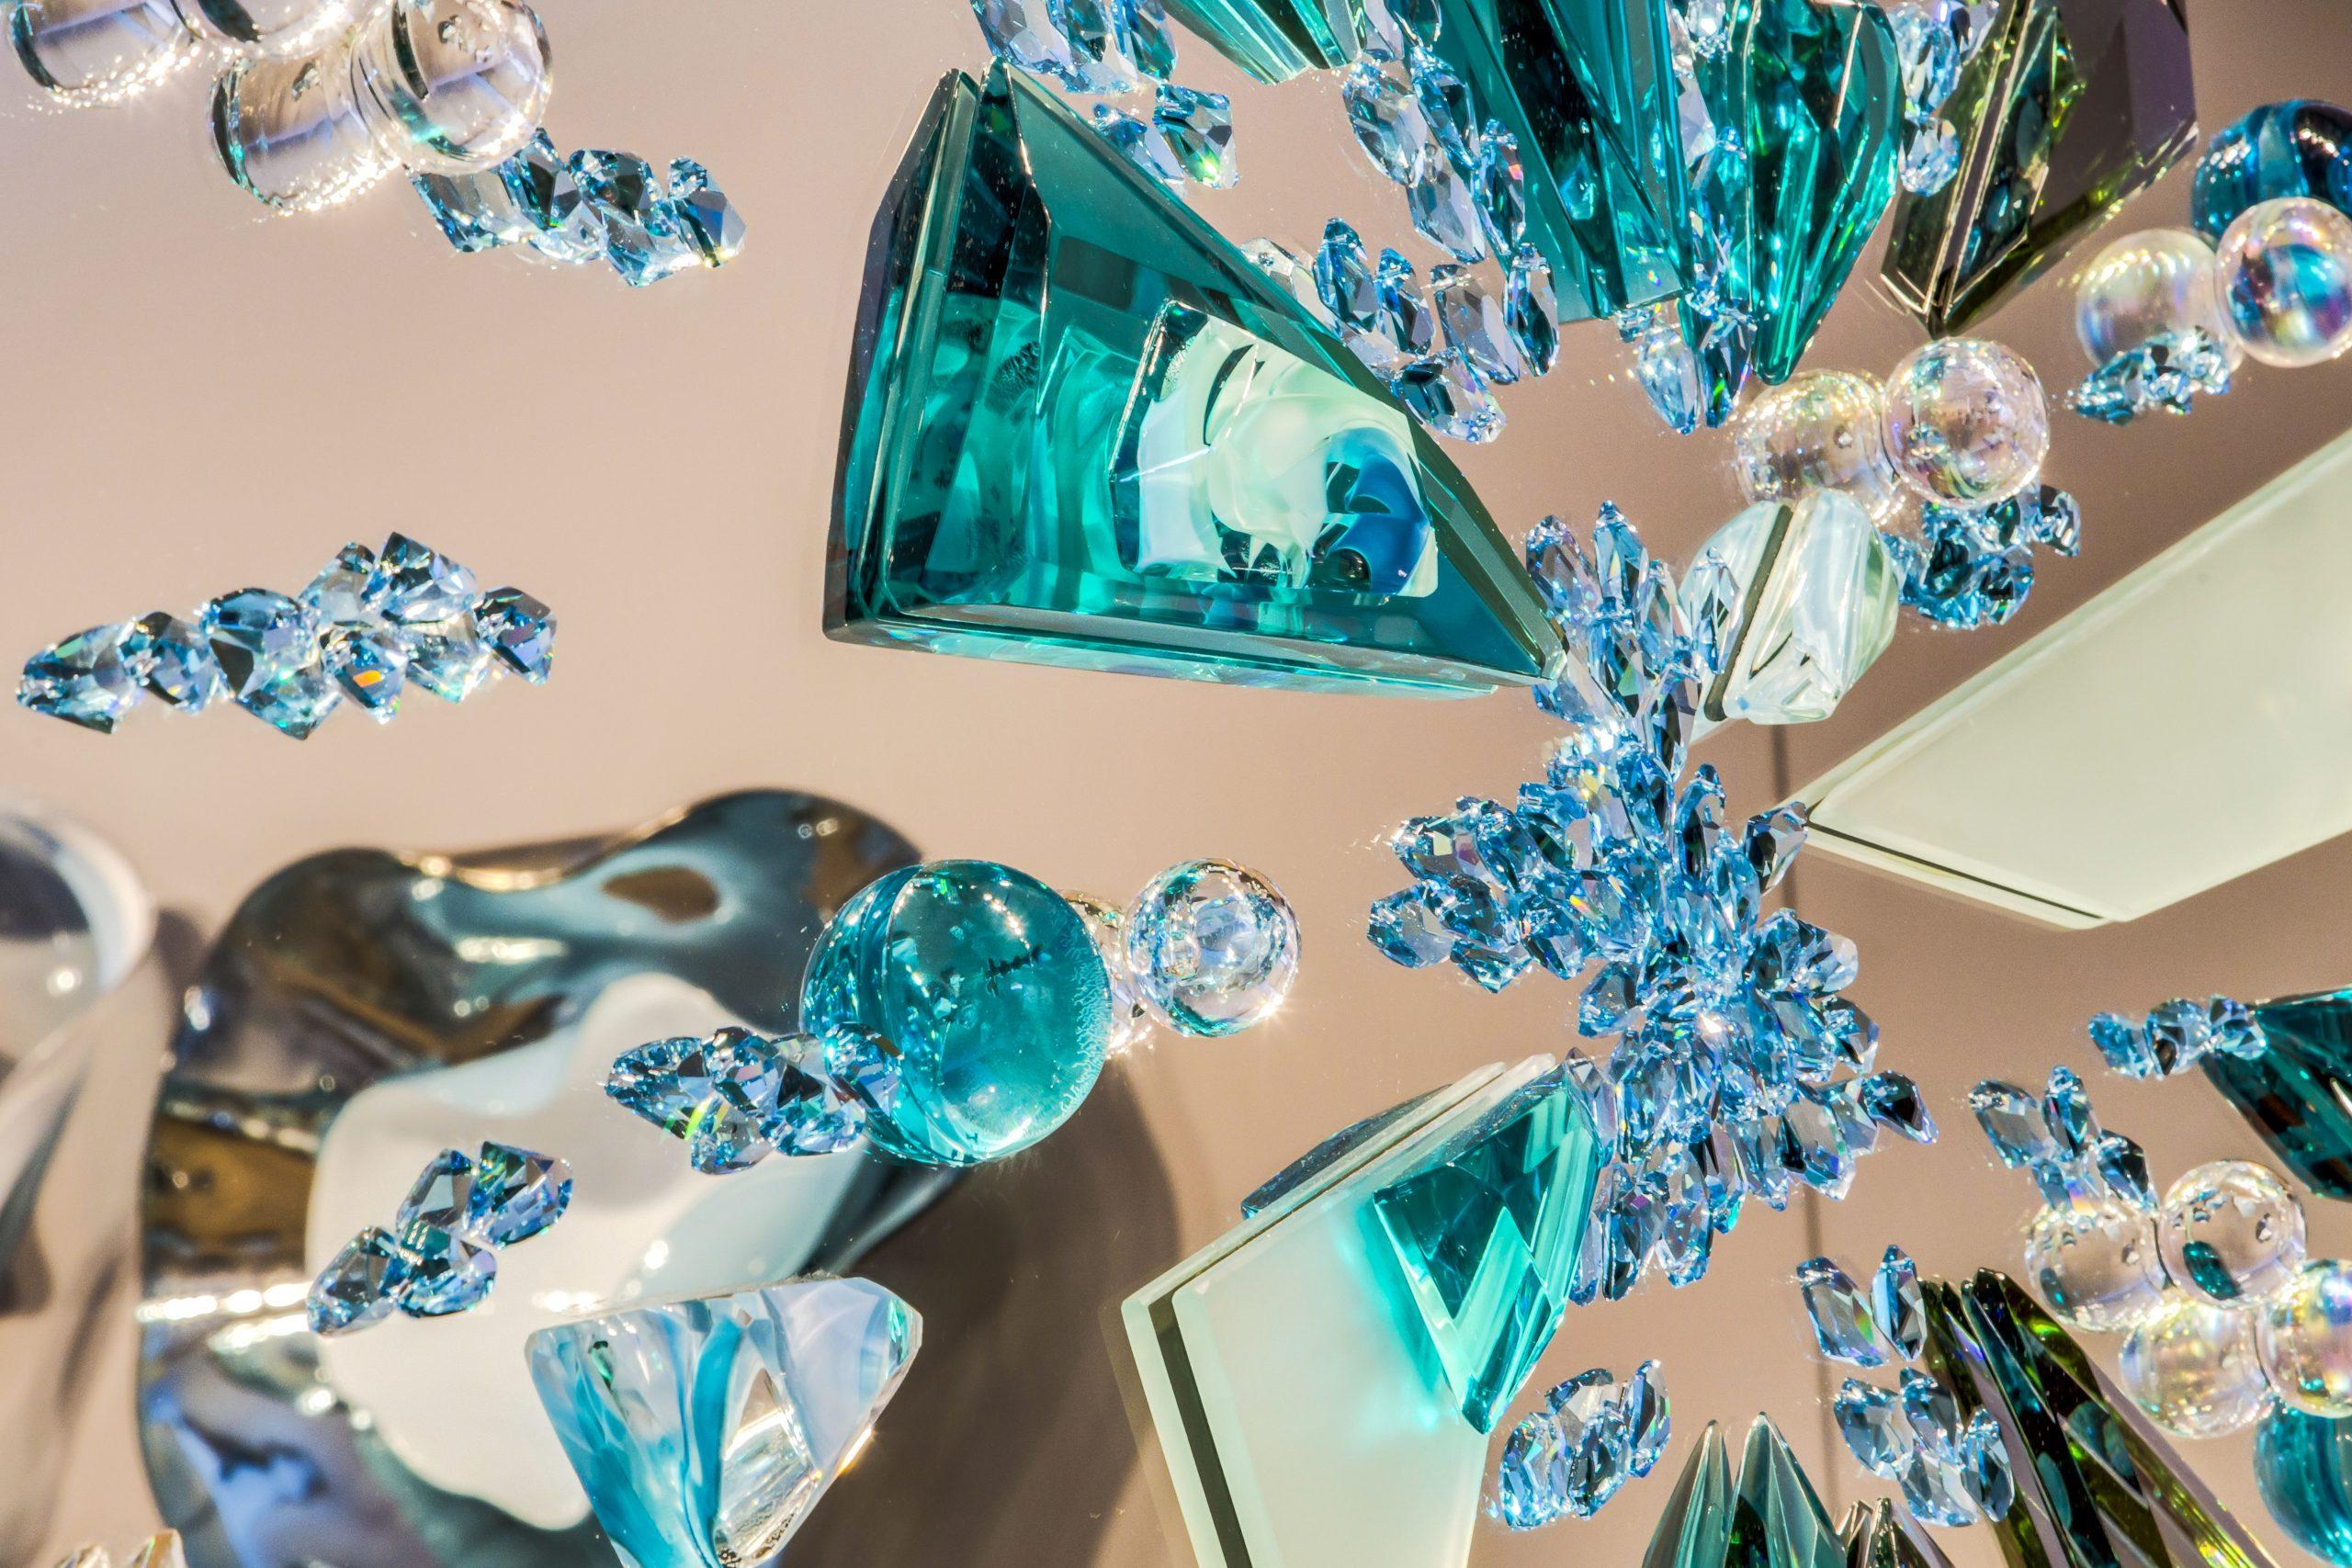 Starburst Mirror Collection